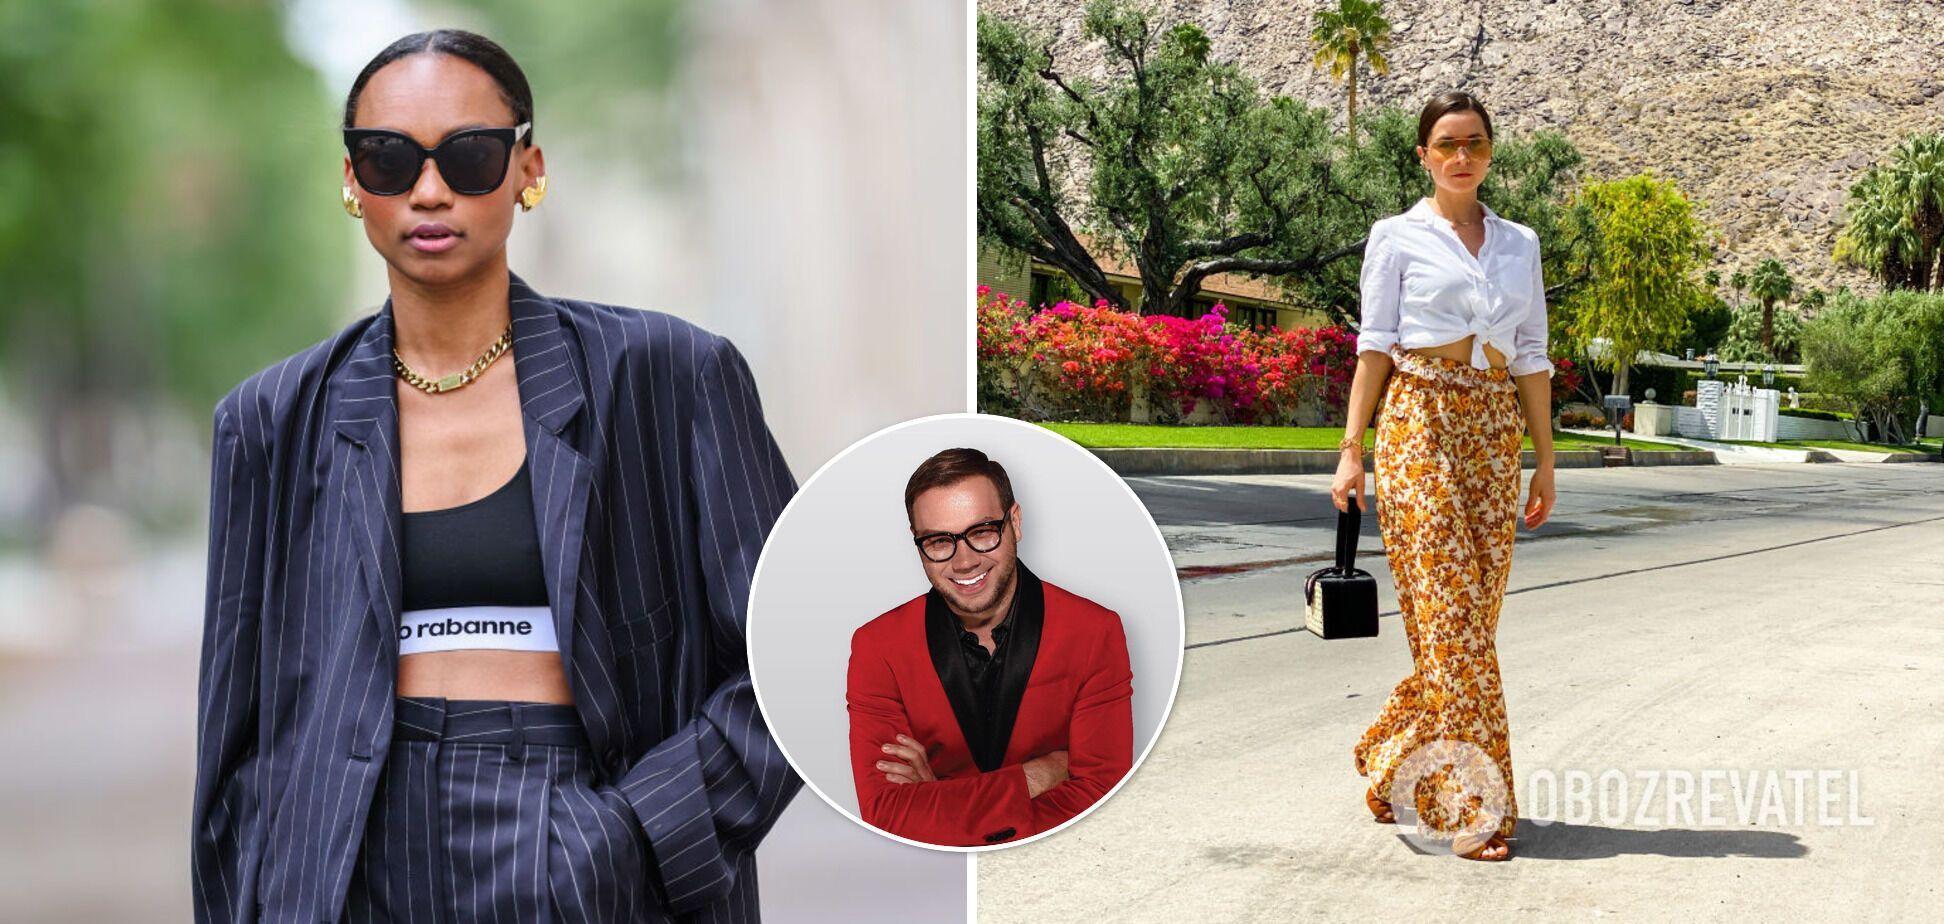 Який одяг буде в моді влітку, а від якого потрібно позбутися: правила стилю від Андре Тана